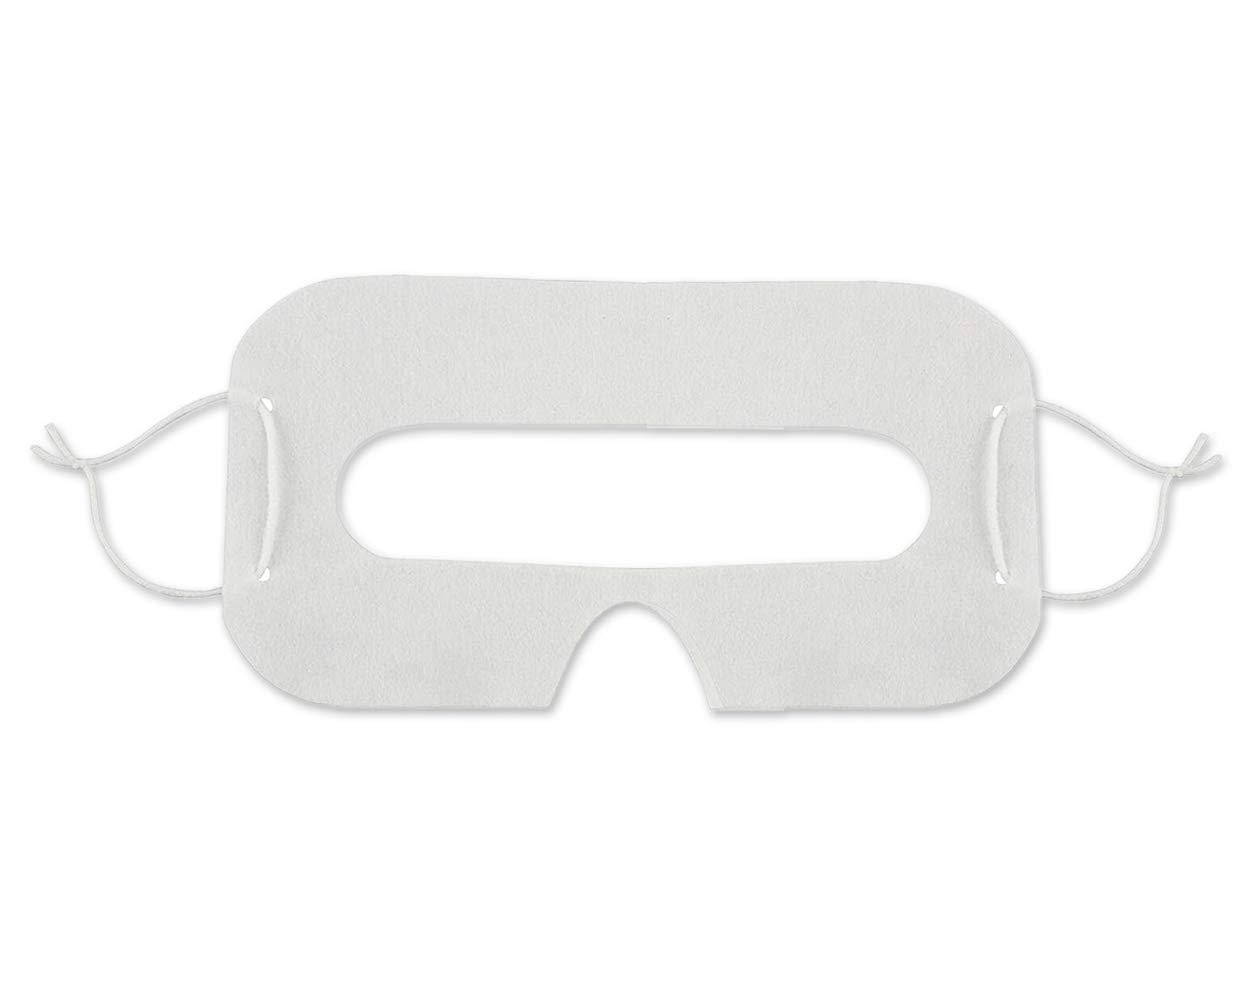 DSstyles VR Masques à yeux jetables 20 pièces Masques faciaux à l'hygiène pour les yeux Couvercle universel pour HTC VIVE, PSVR Playstation VR, Oculus Rift